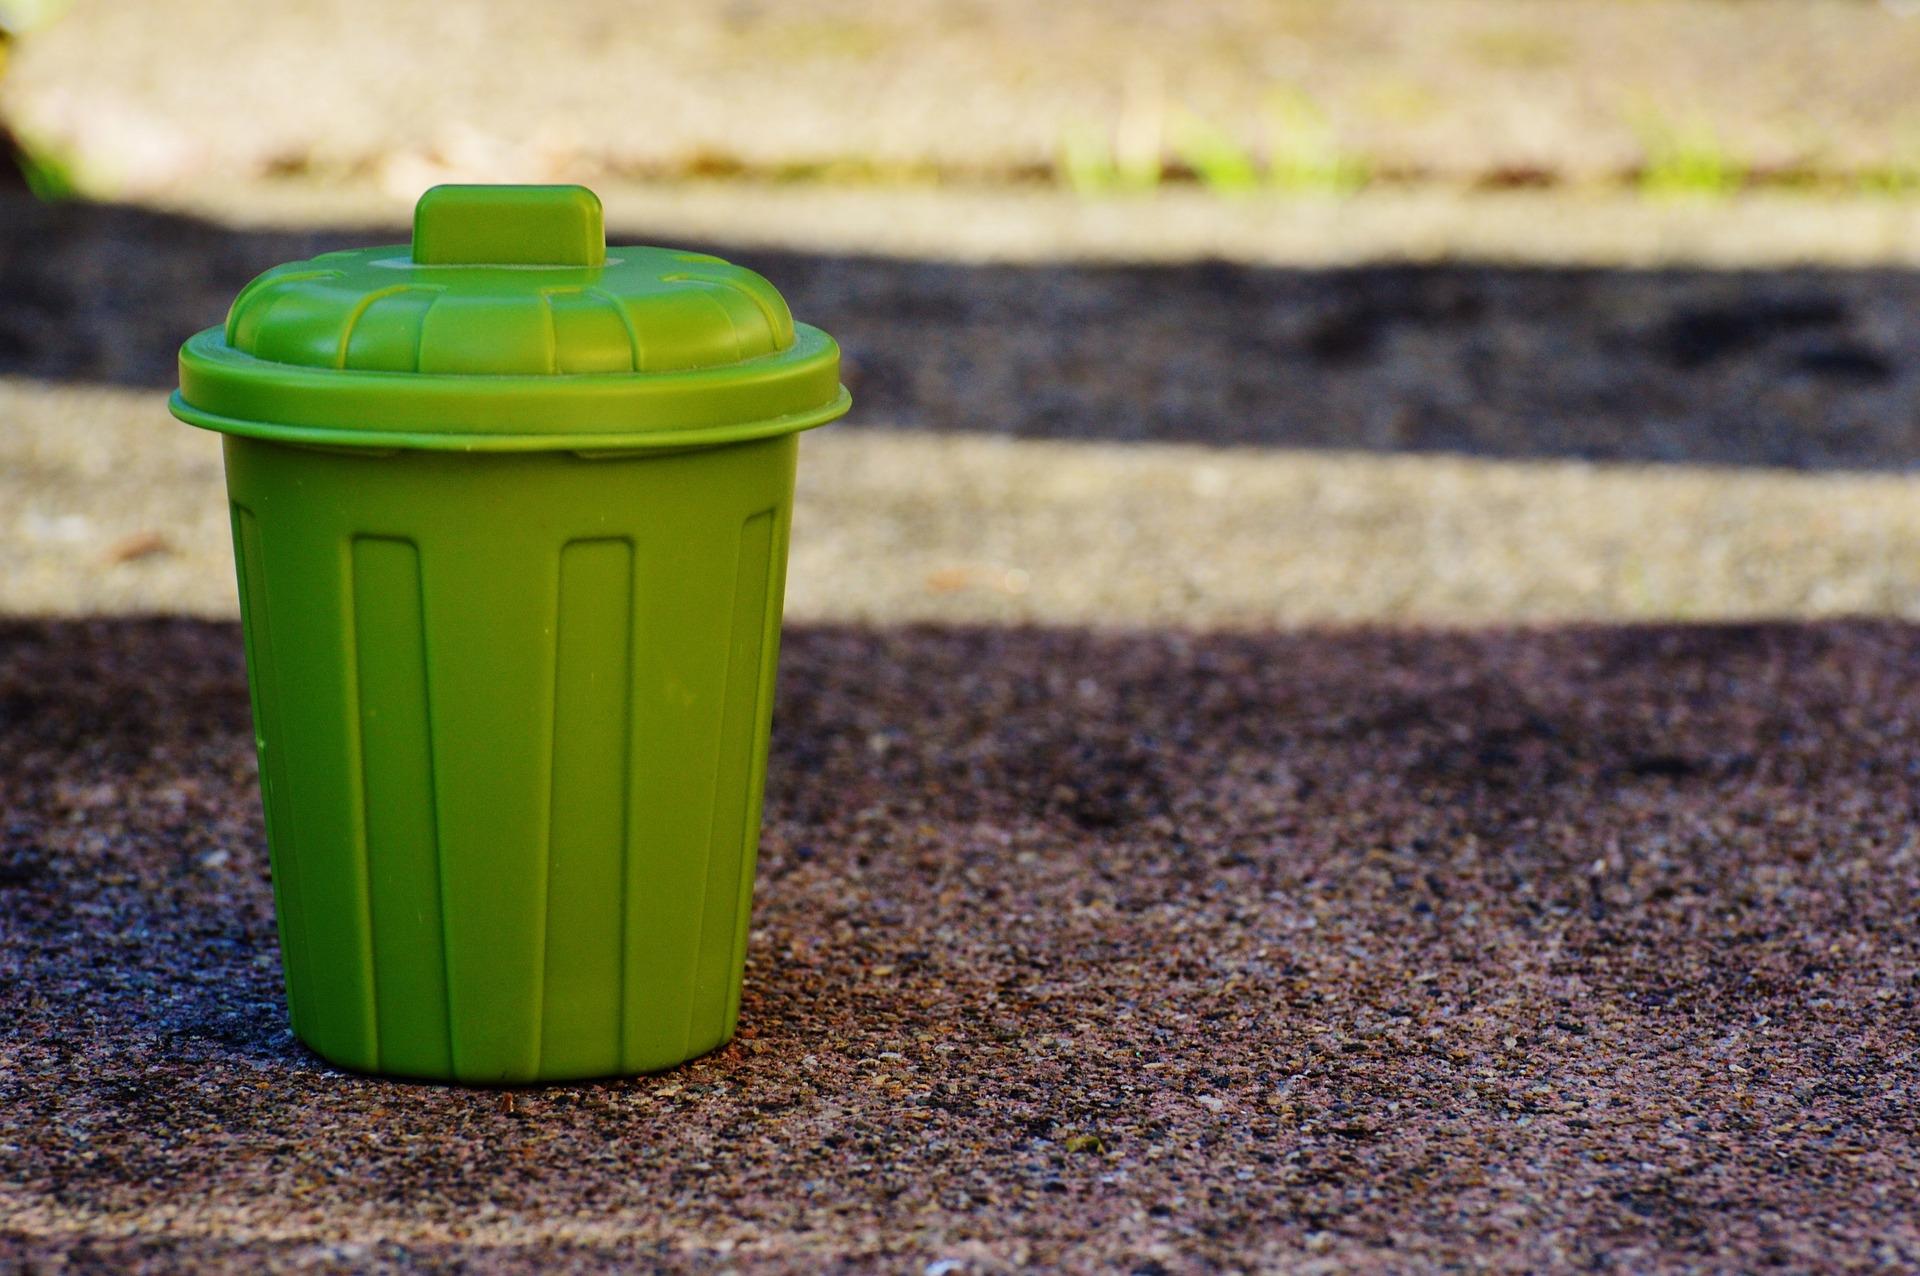 Így változik a hulladék szállítása az ünnepek alatt